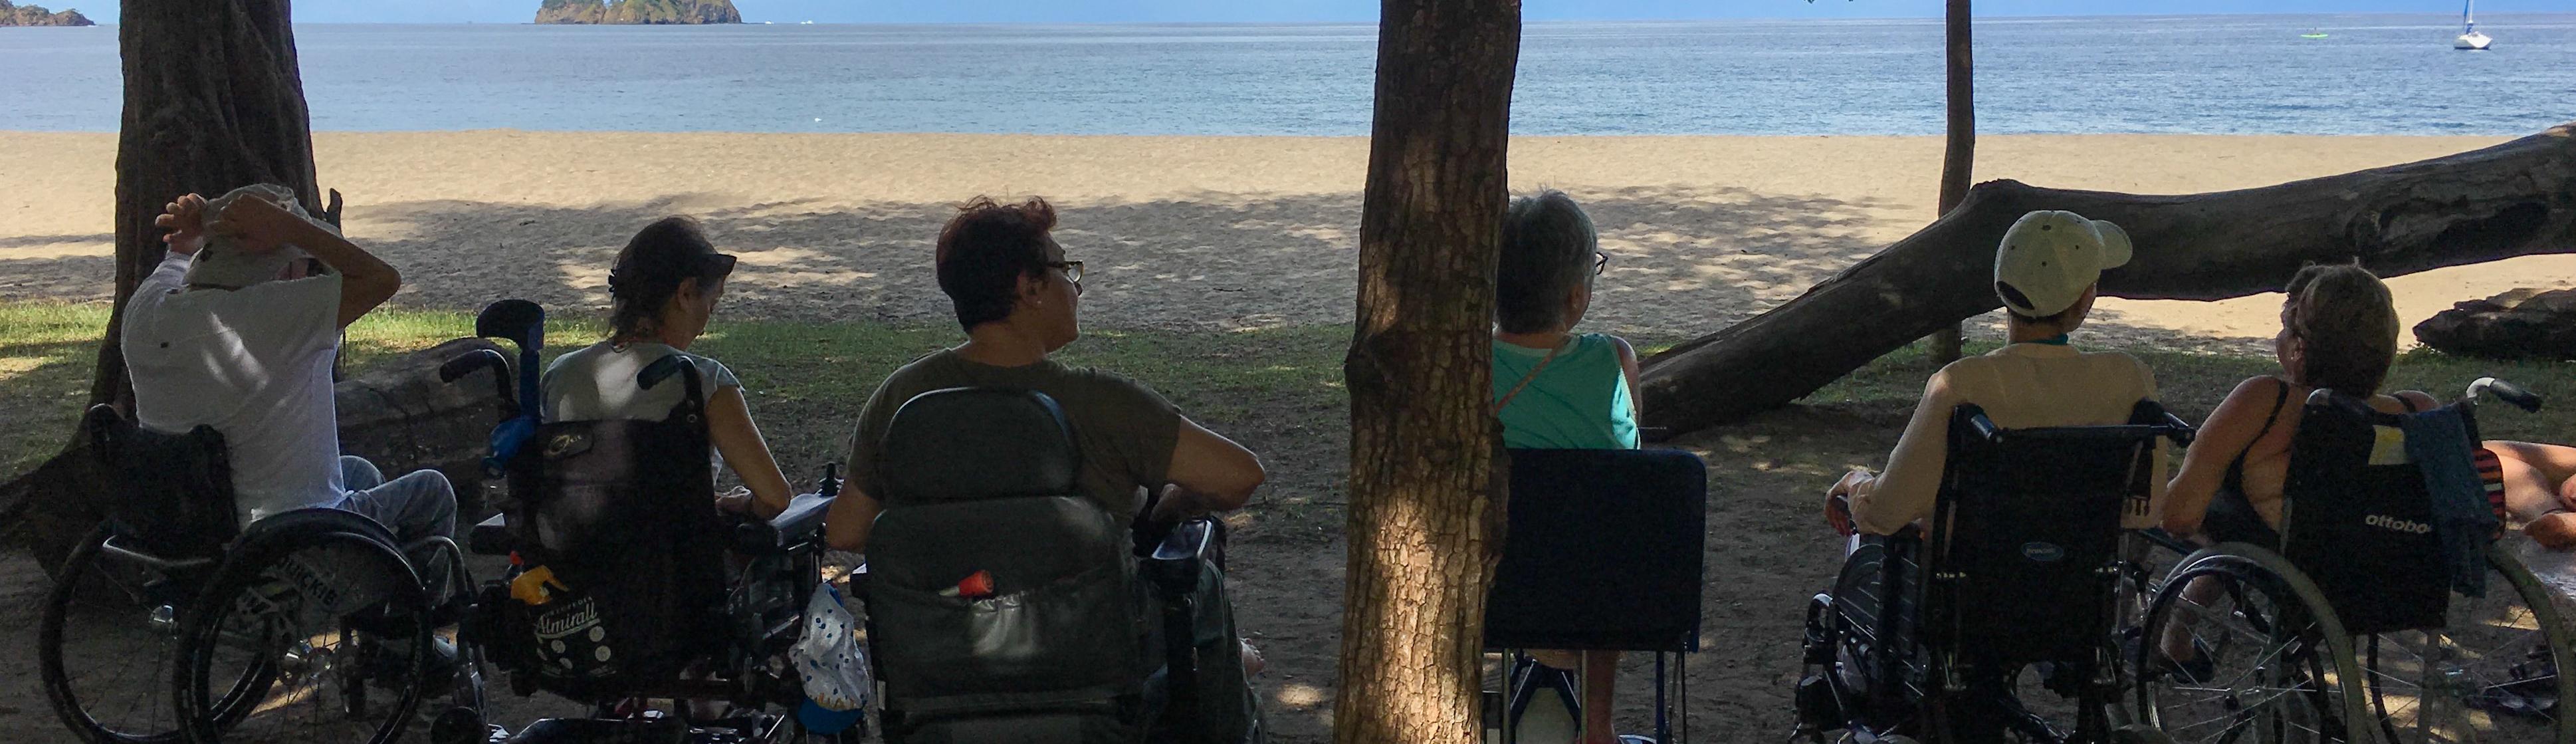 Playa accesible para silla de ruedas y personas con discapacidad